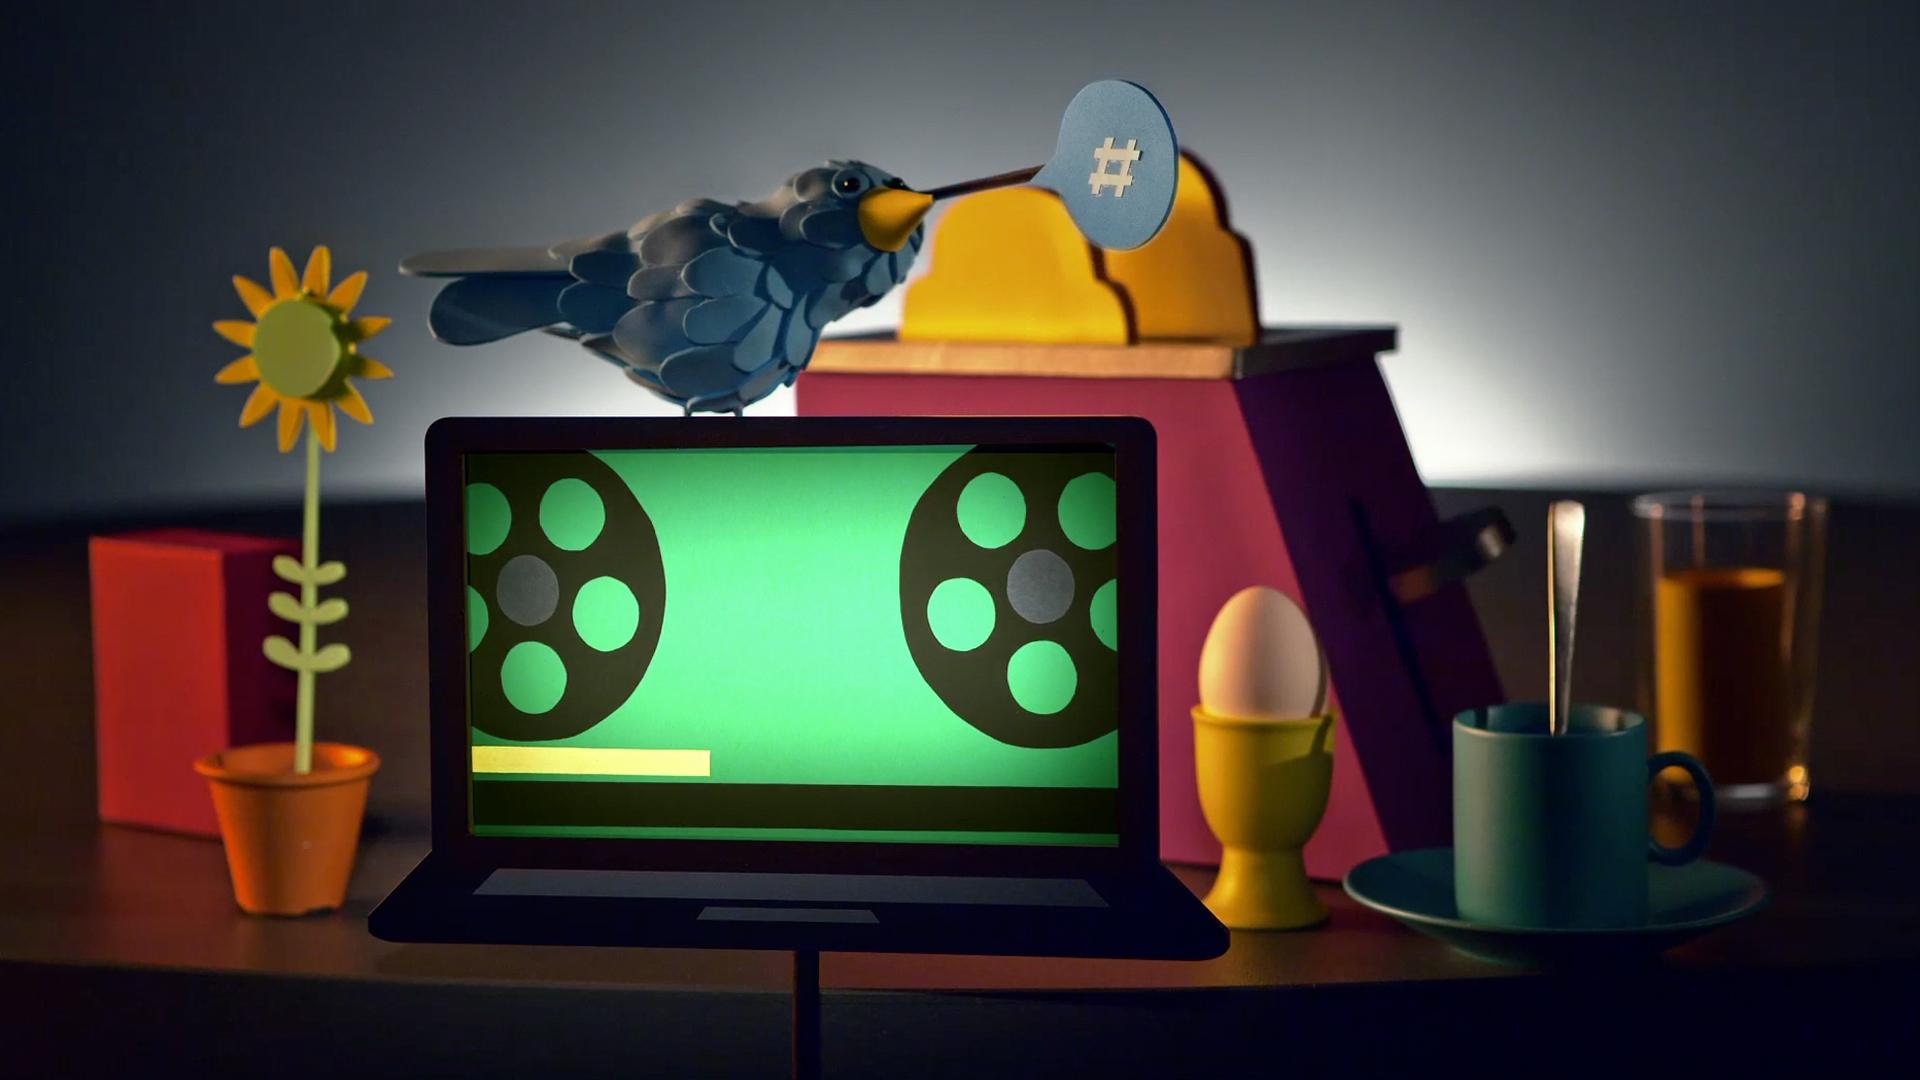 Kanal 5 play - animation av Jöns Mellgren